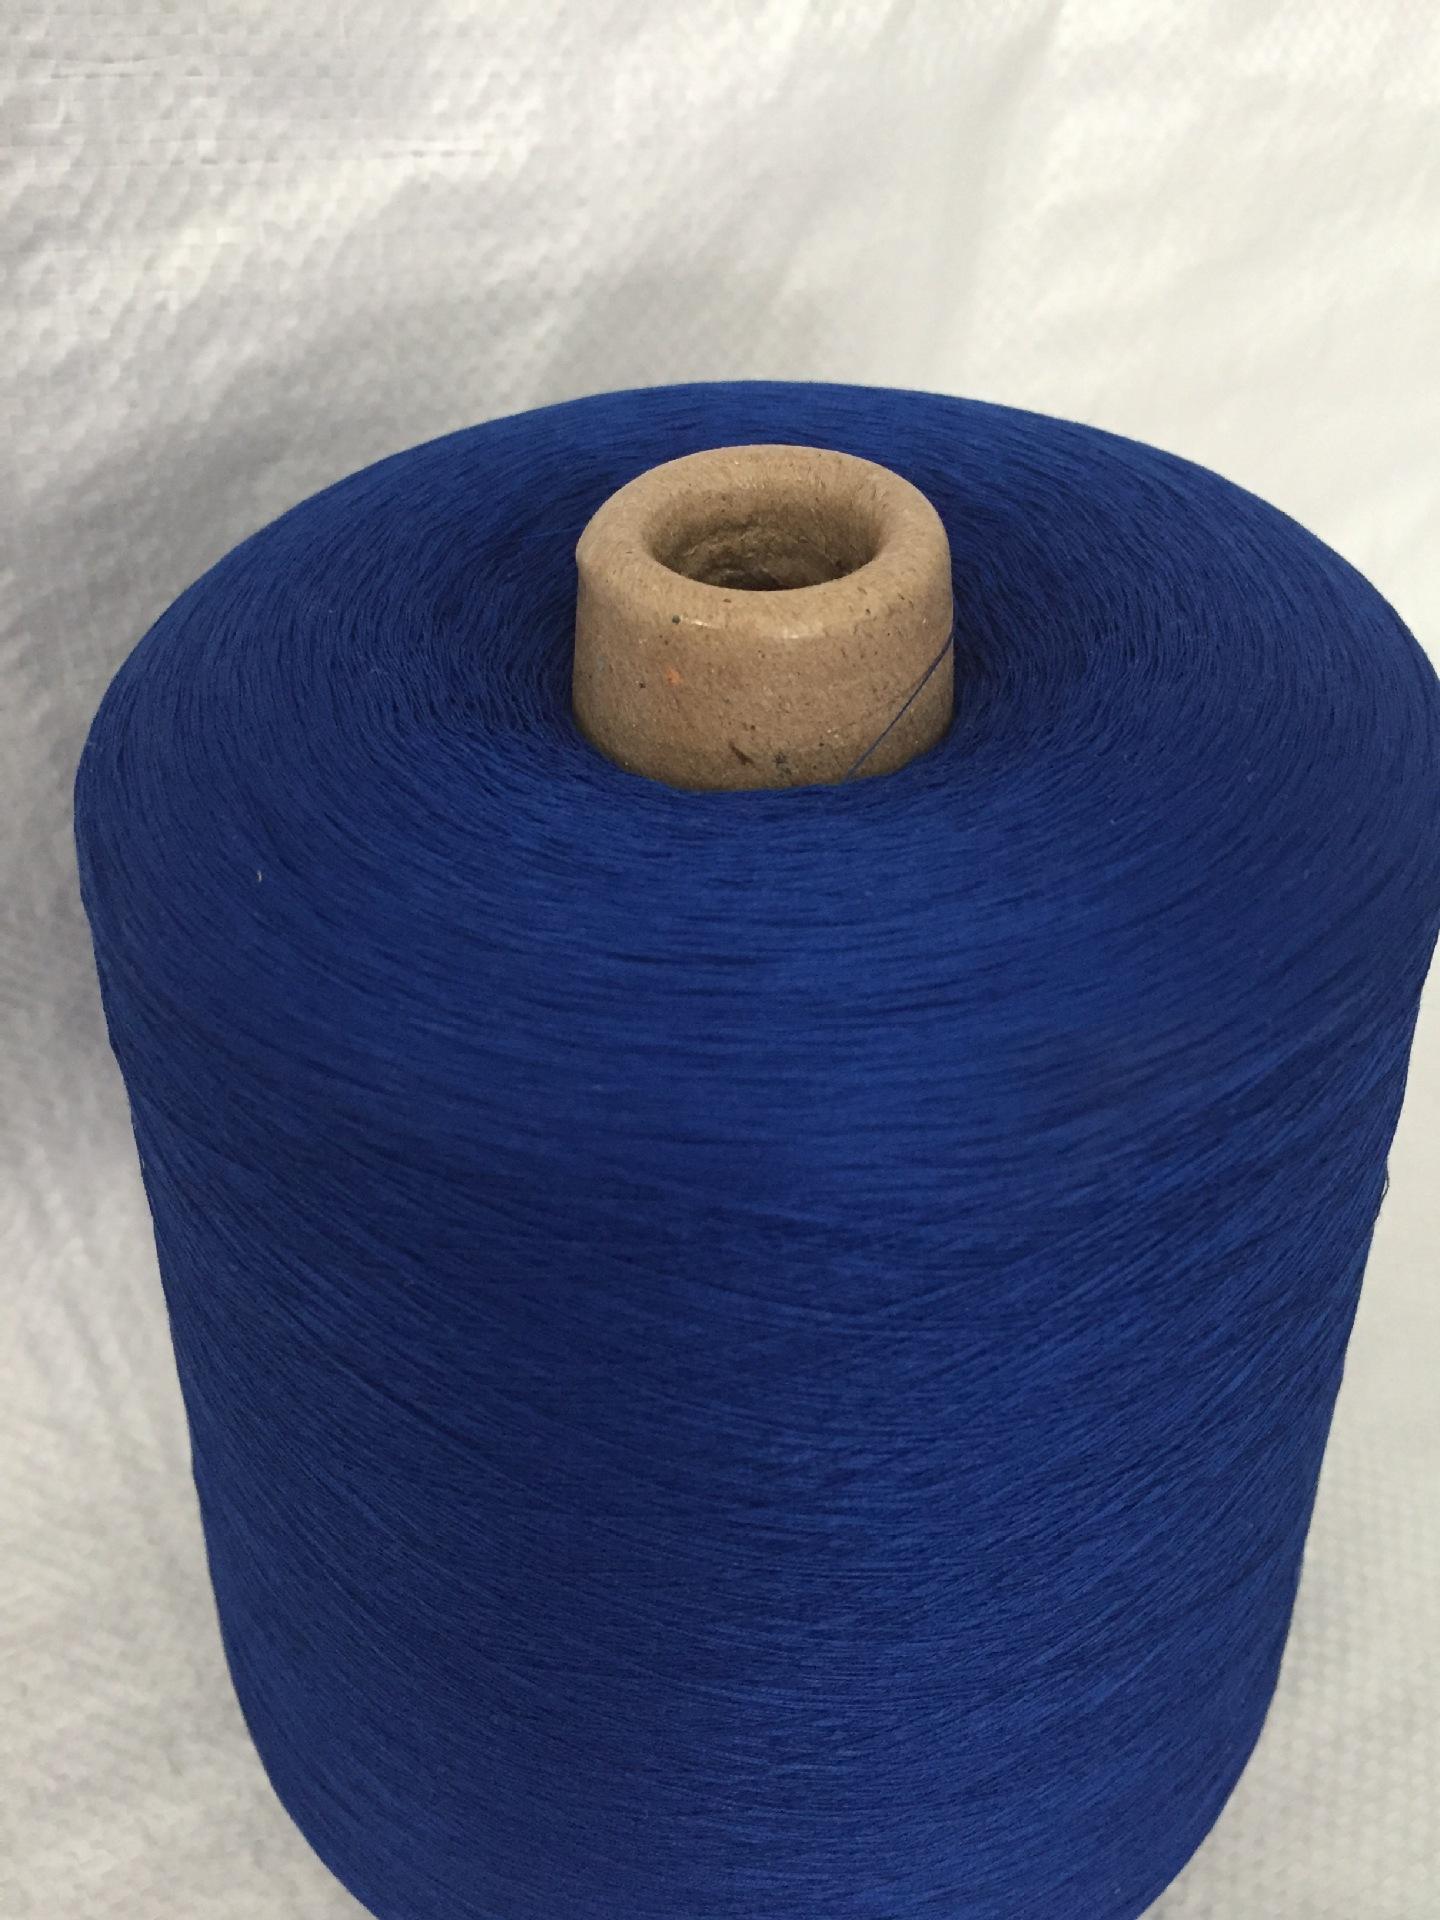 Sợi tơ lụa Sợi tơ tằm 70/30 Off sợi pha trộn 120 2 sợi Sợi dệt thoi sợi dệt